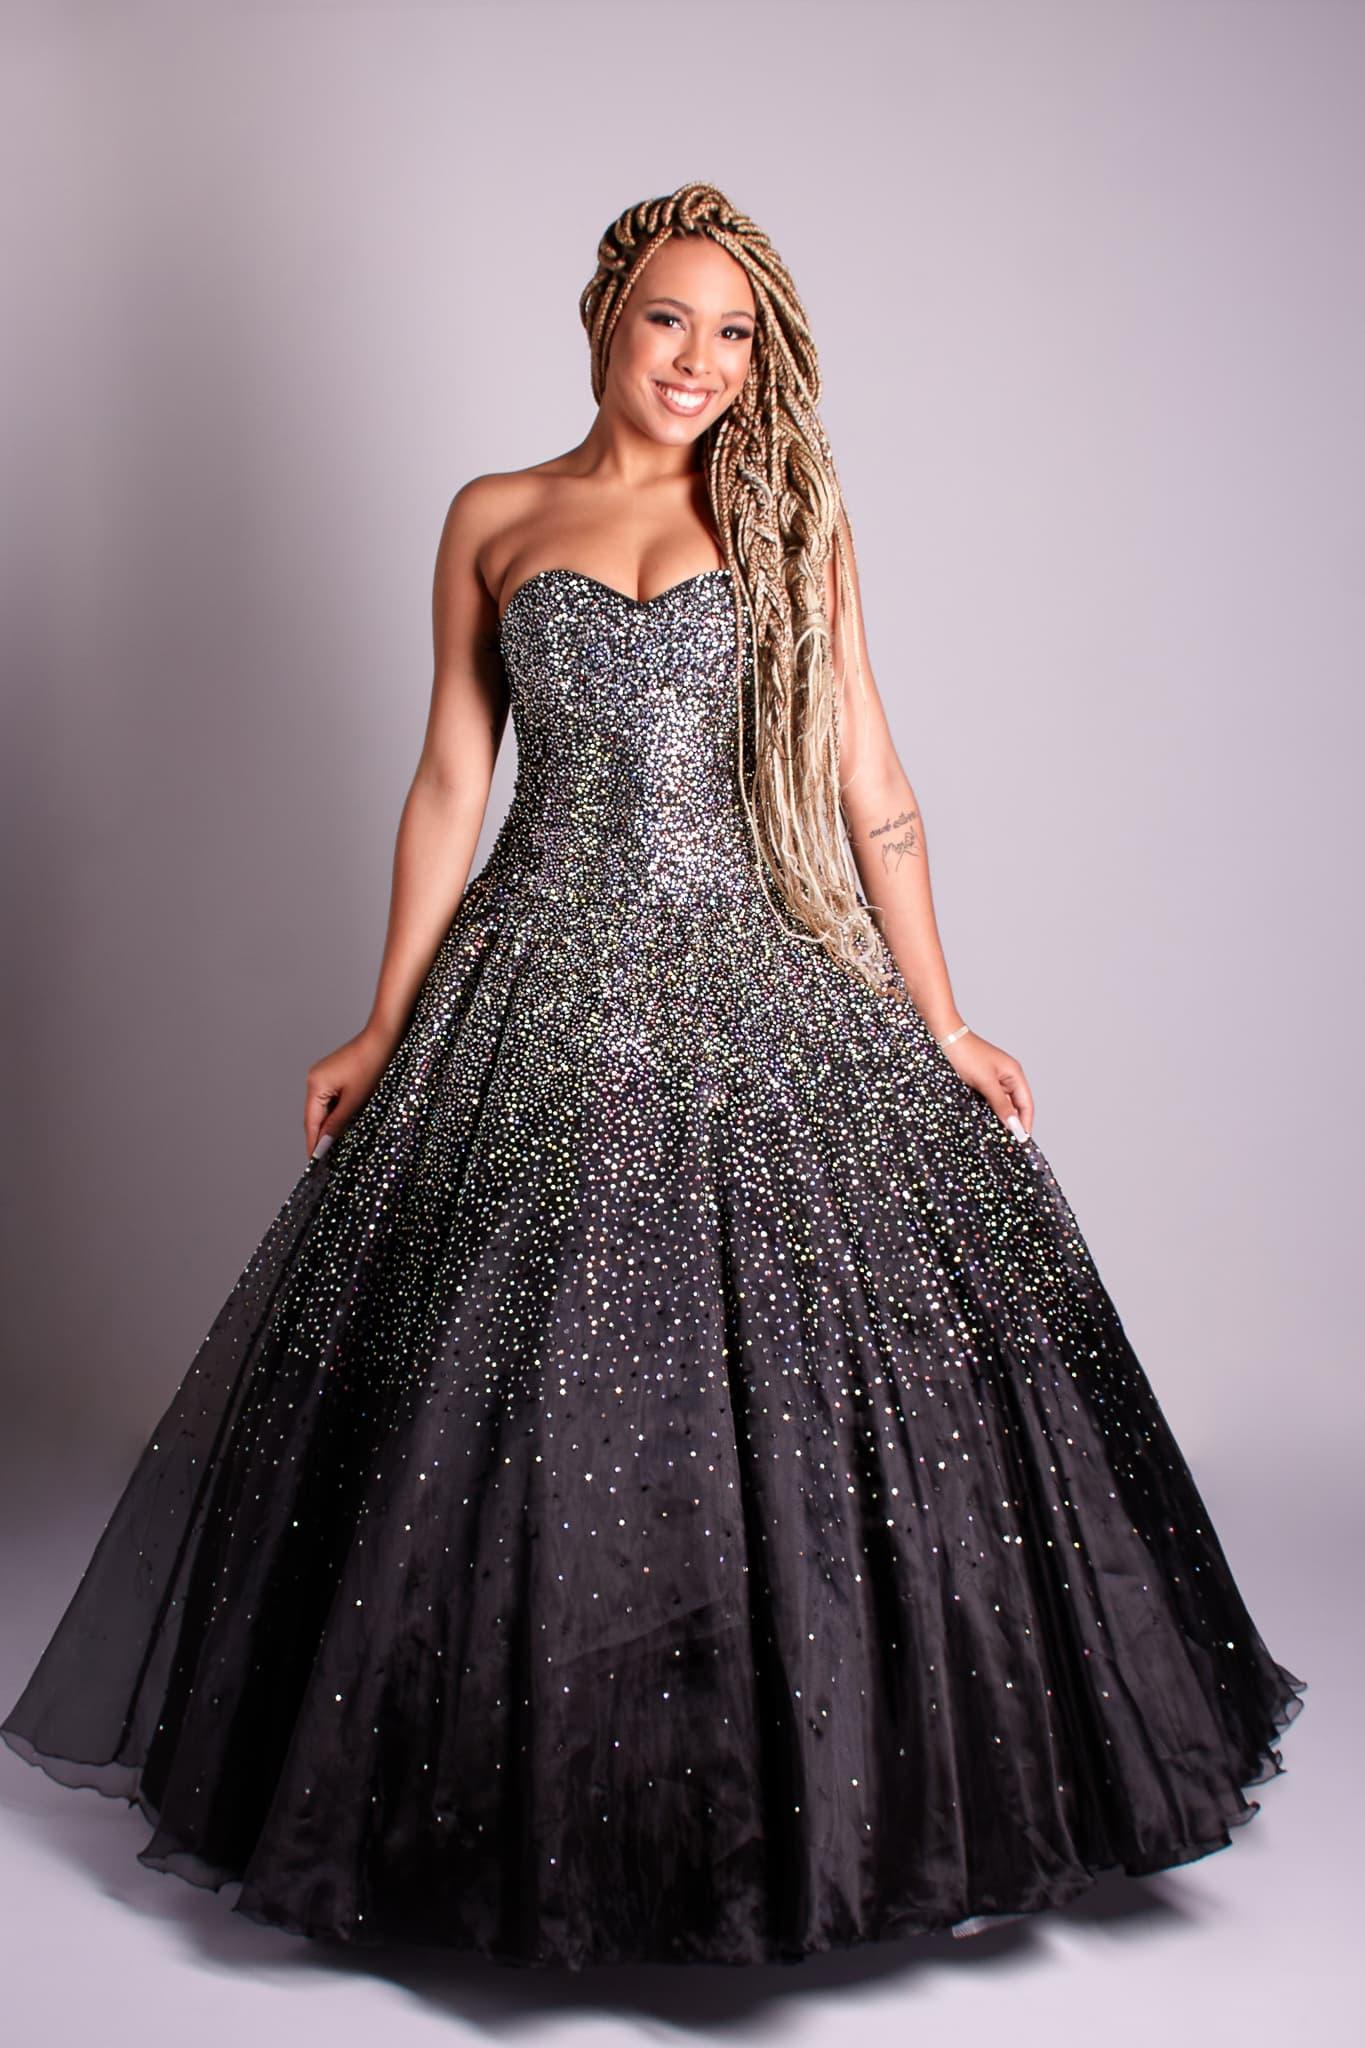 157 - Vestido de valsa preto bordado à mão em cristais